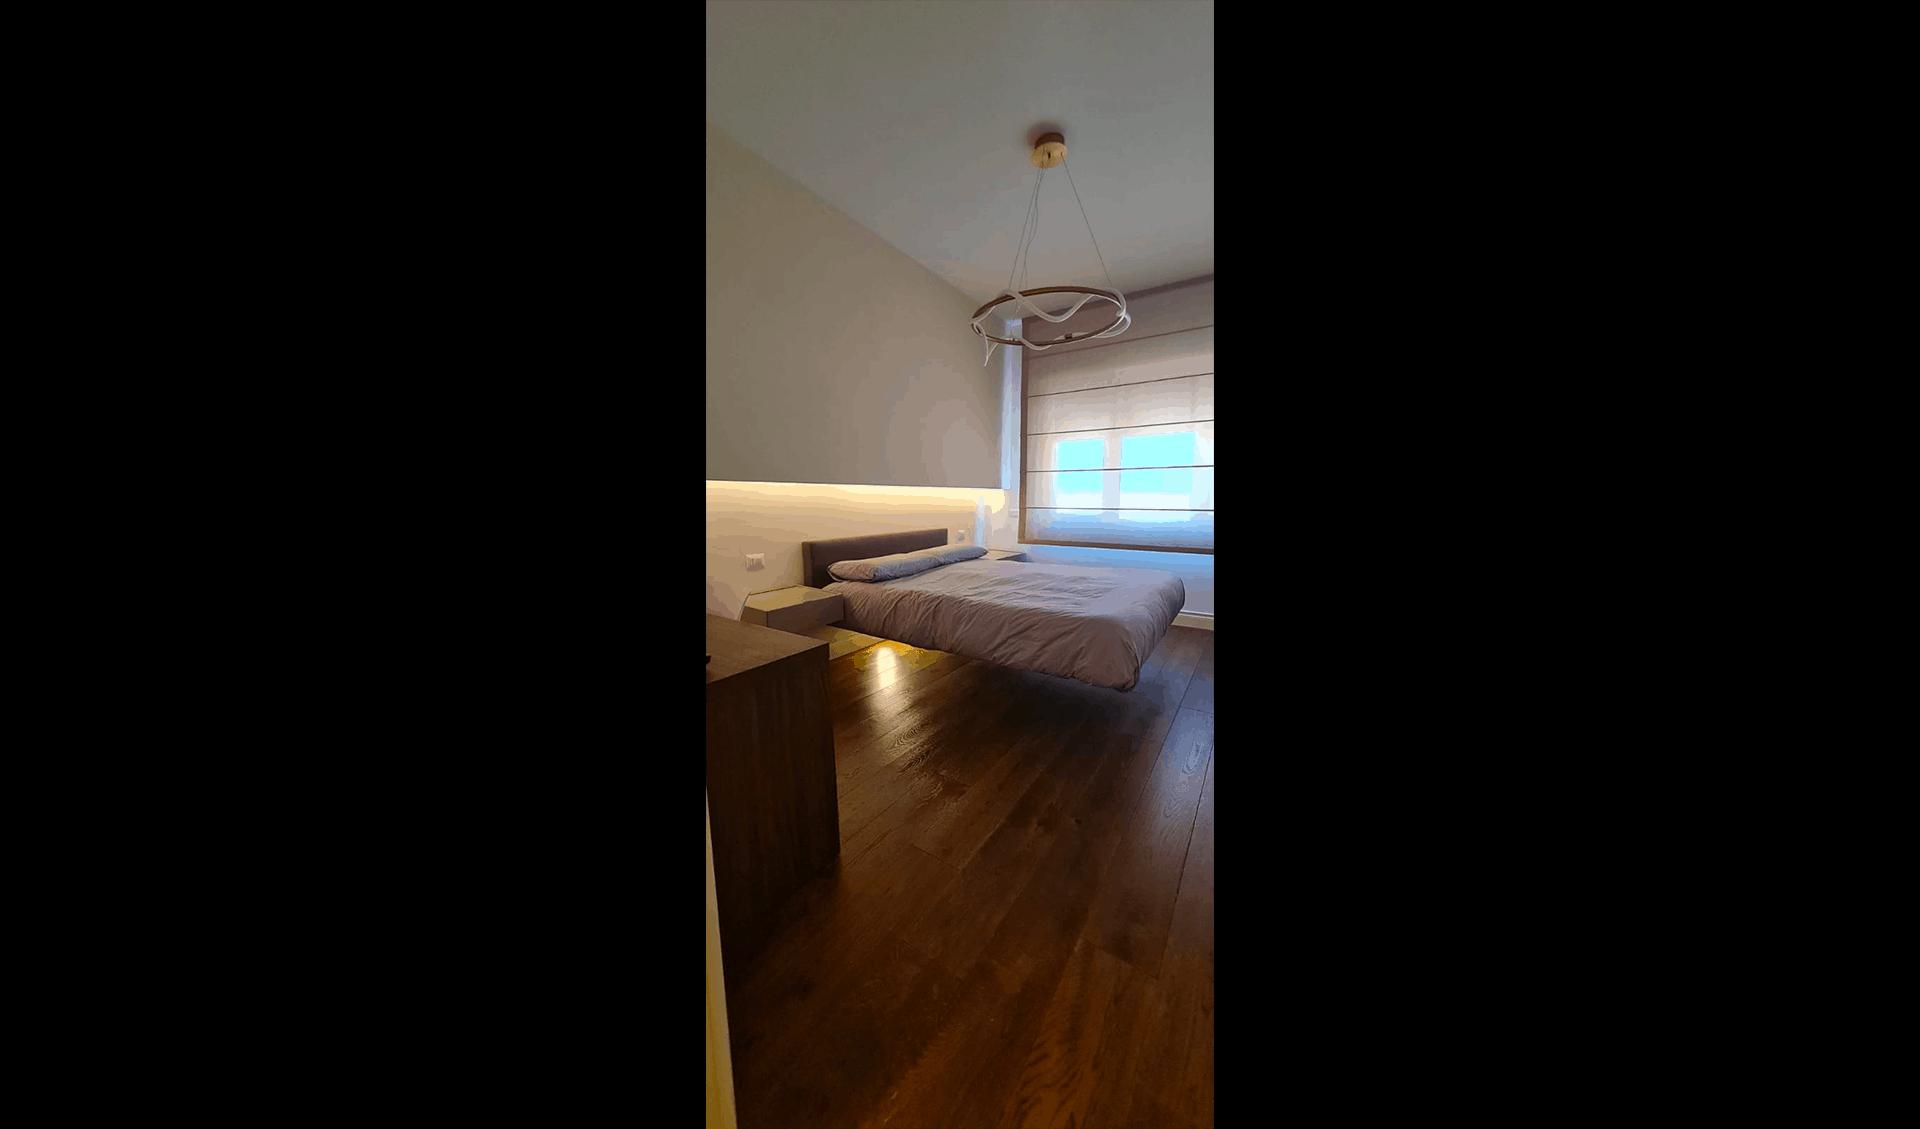 Camera da letto progetto - D'Amico Arreda